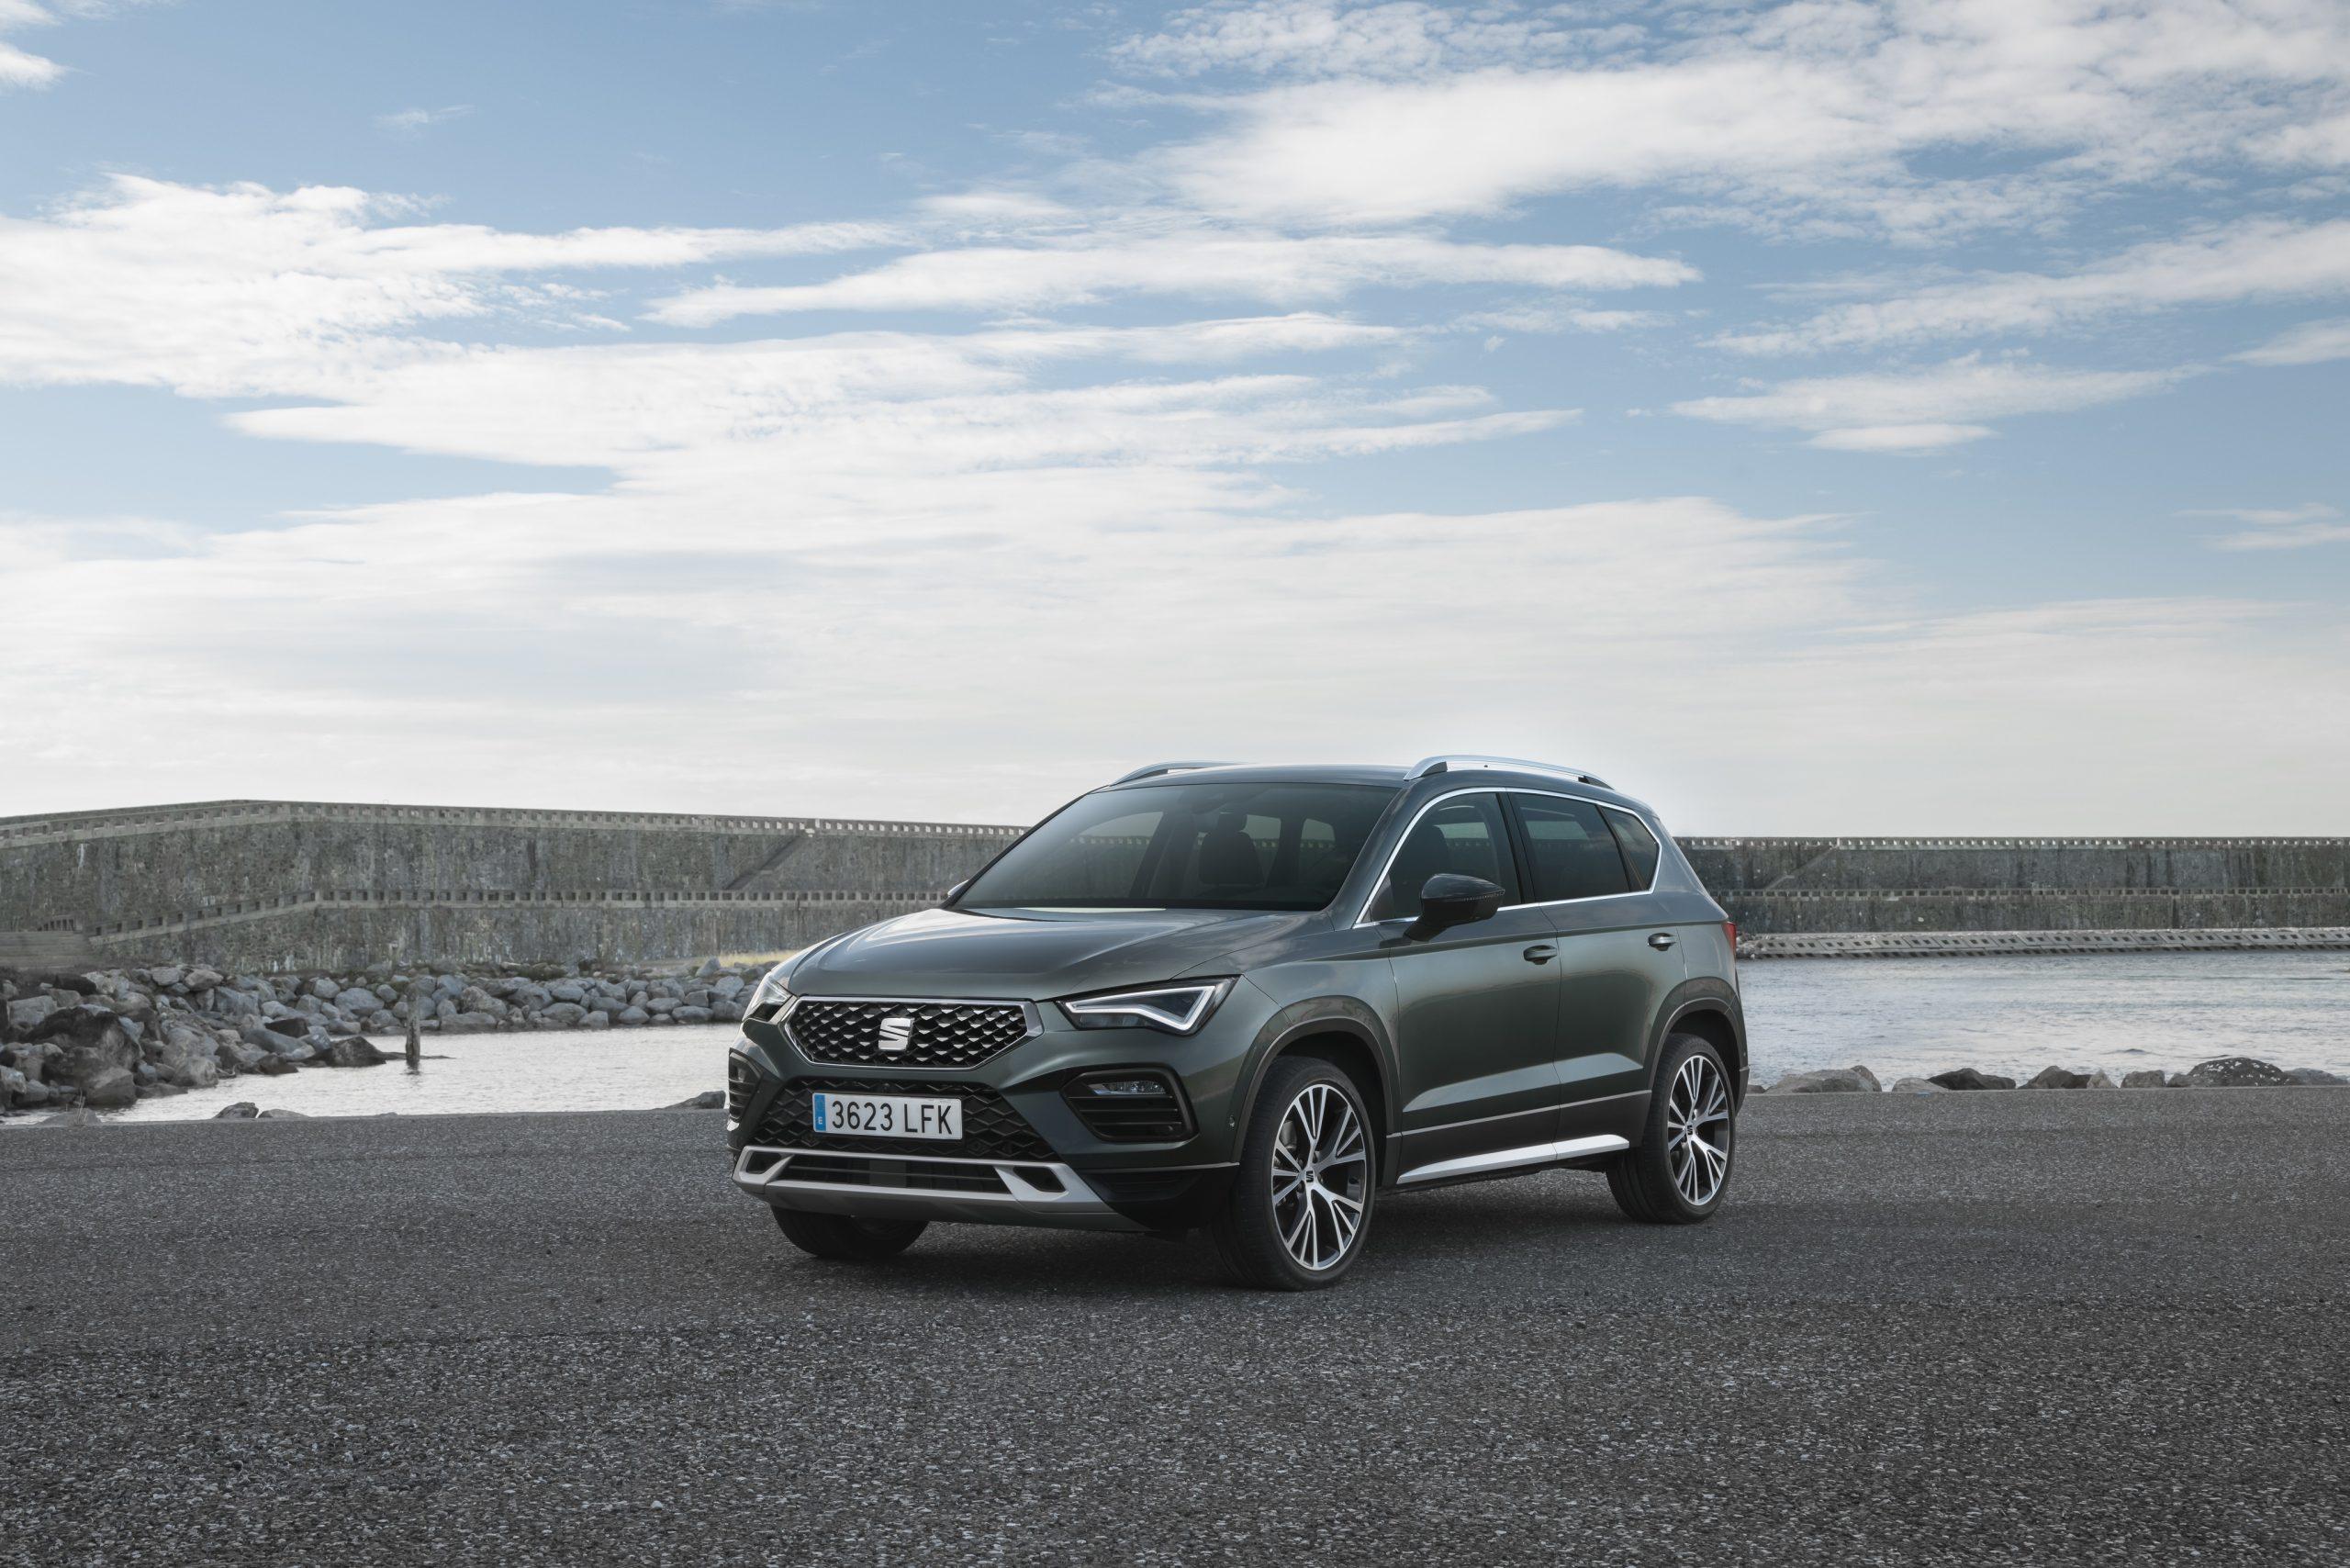 SEAT, Yeni Ateca, Arona ve Ibiza modellerinde faizi sıfırladı